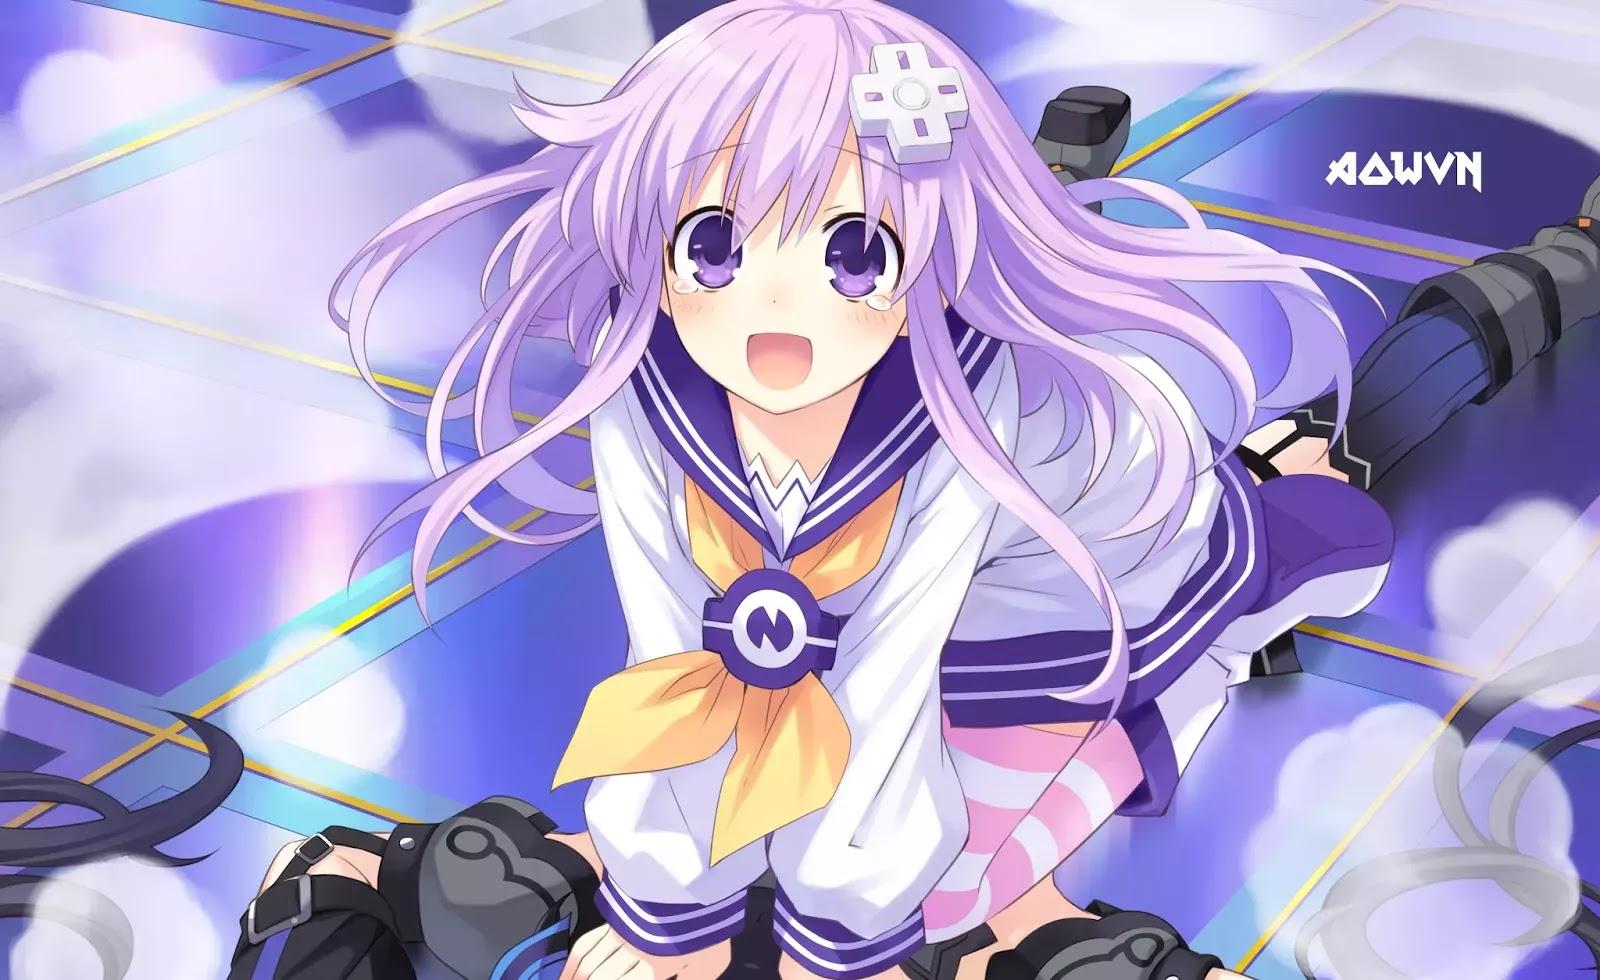 AowVN.org min%2B%252833%2529 - [ Hình Nền ] Game Hyperdimension Neptunia cực đẹp | Anime Wallpapers